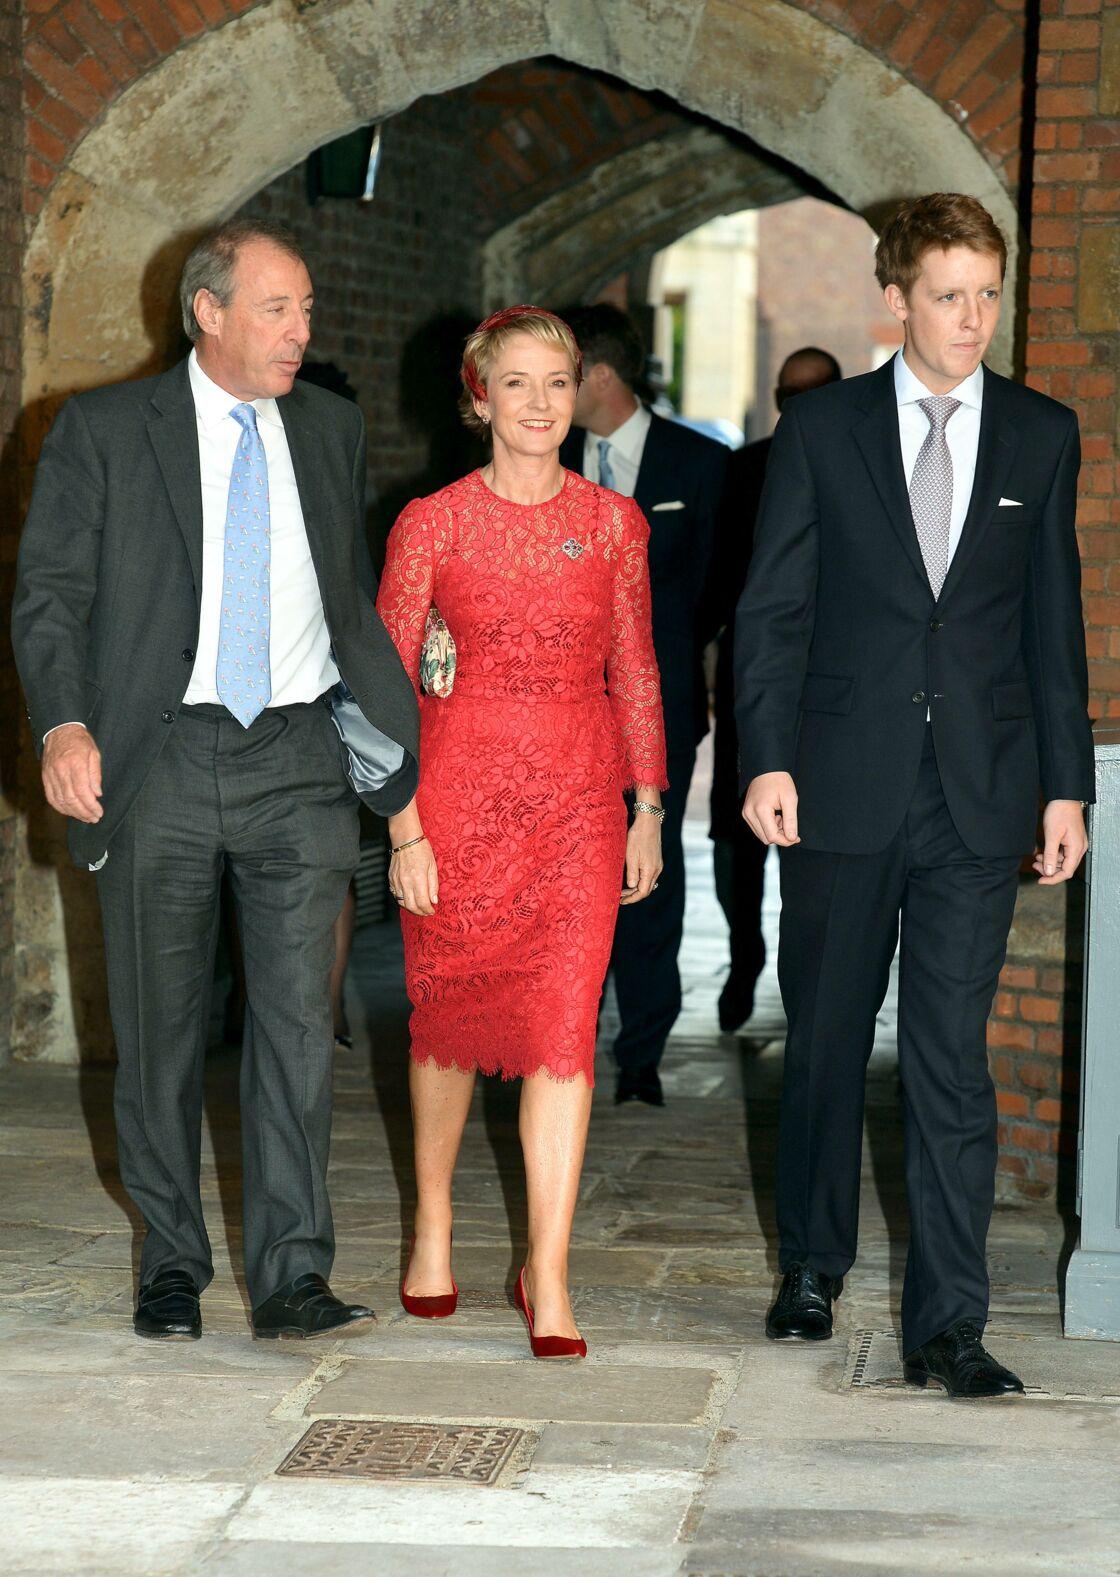 Hugh Grosvenor arrivant au baptême du prince George, à la chapelle royale du palais St James a Londres, le 23 octobre 2013.